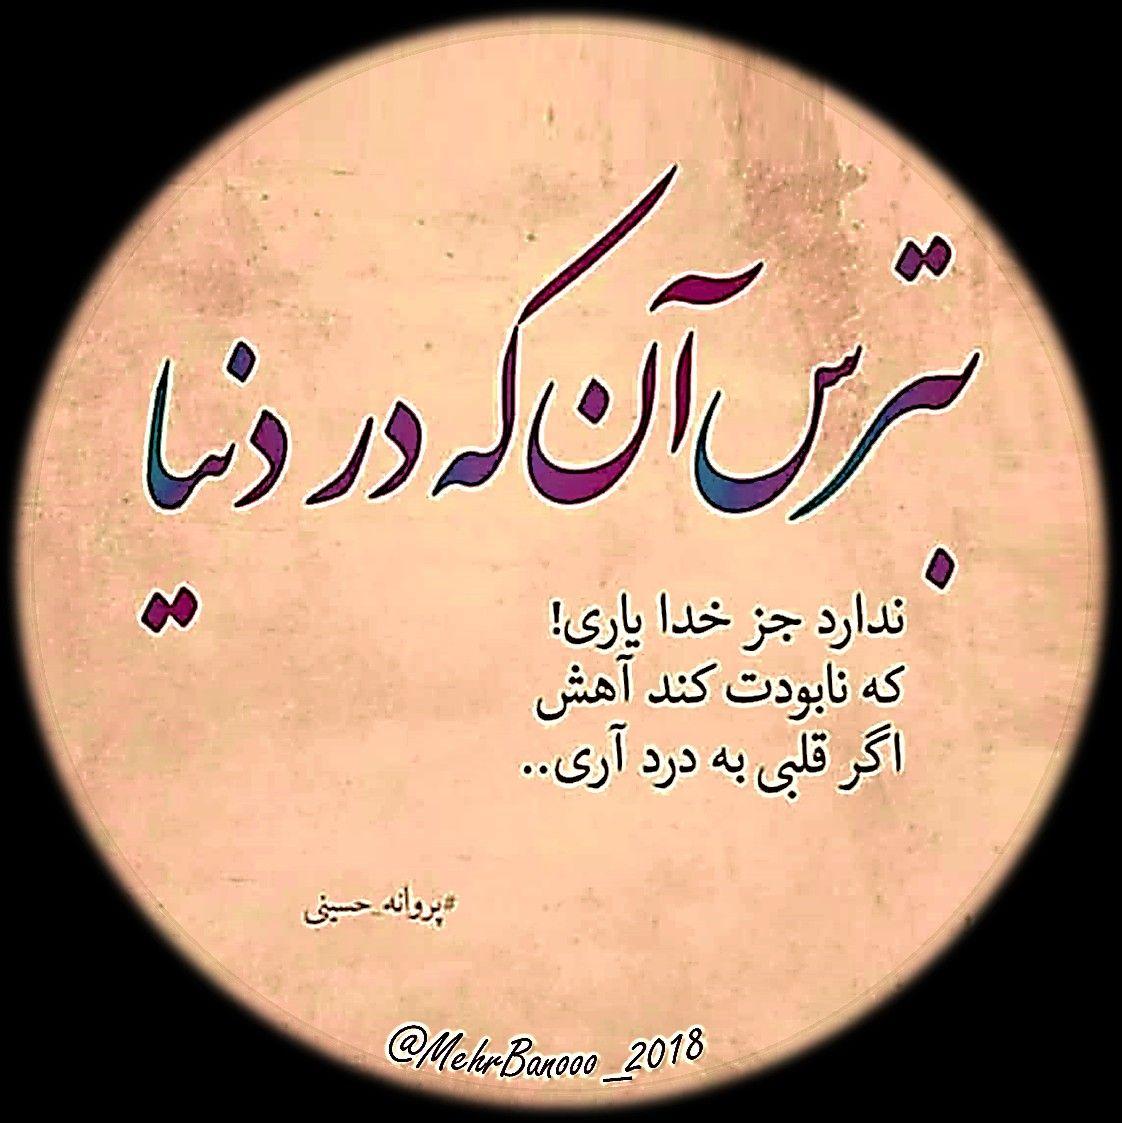 عکس نوشته عکس پروفایل کانال تلگرام مهر بانو ۲۰۱۸ Mehrbanooo 2018 Cute Drawings Calligraphy Arabic Calligraphy